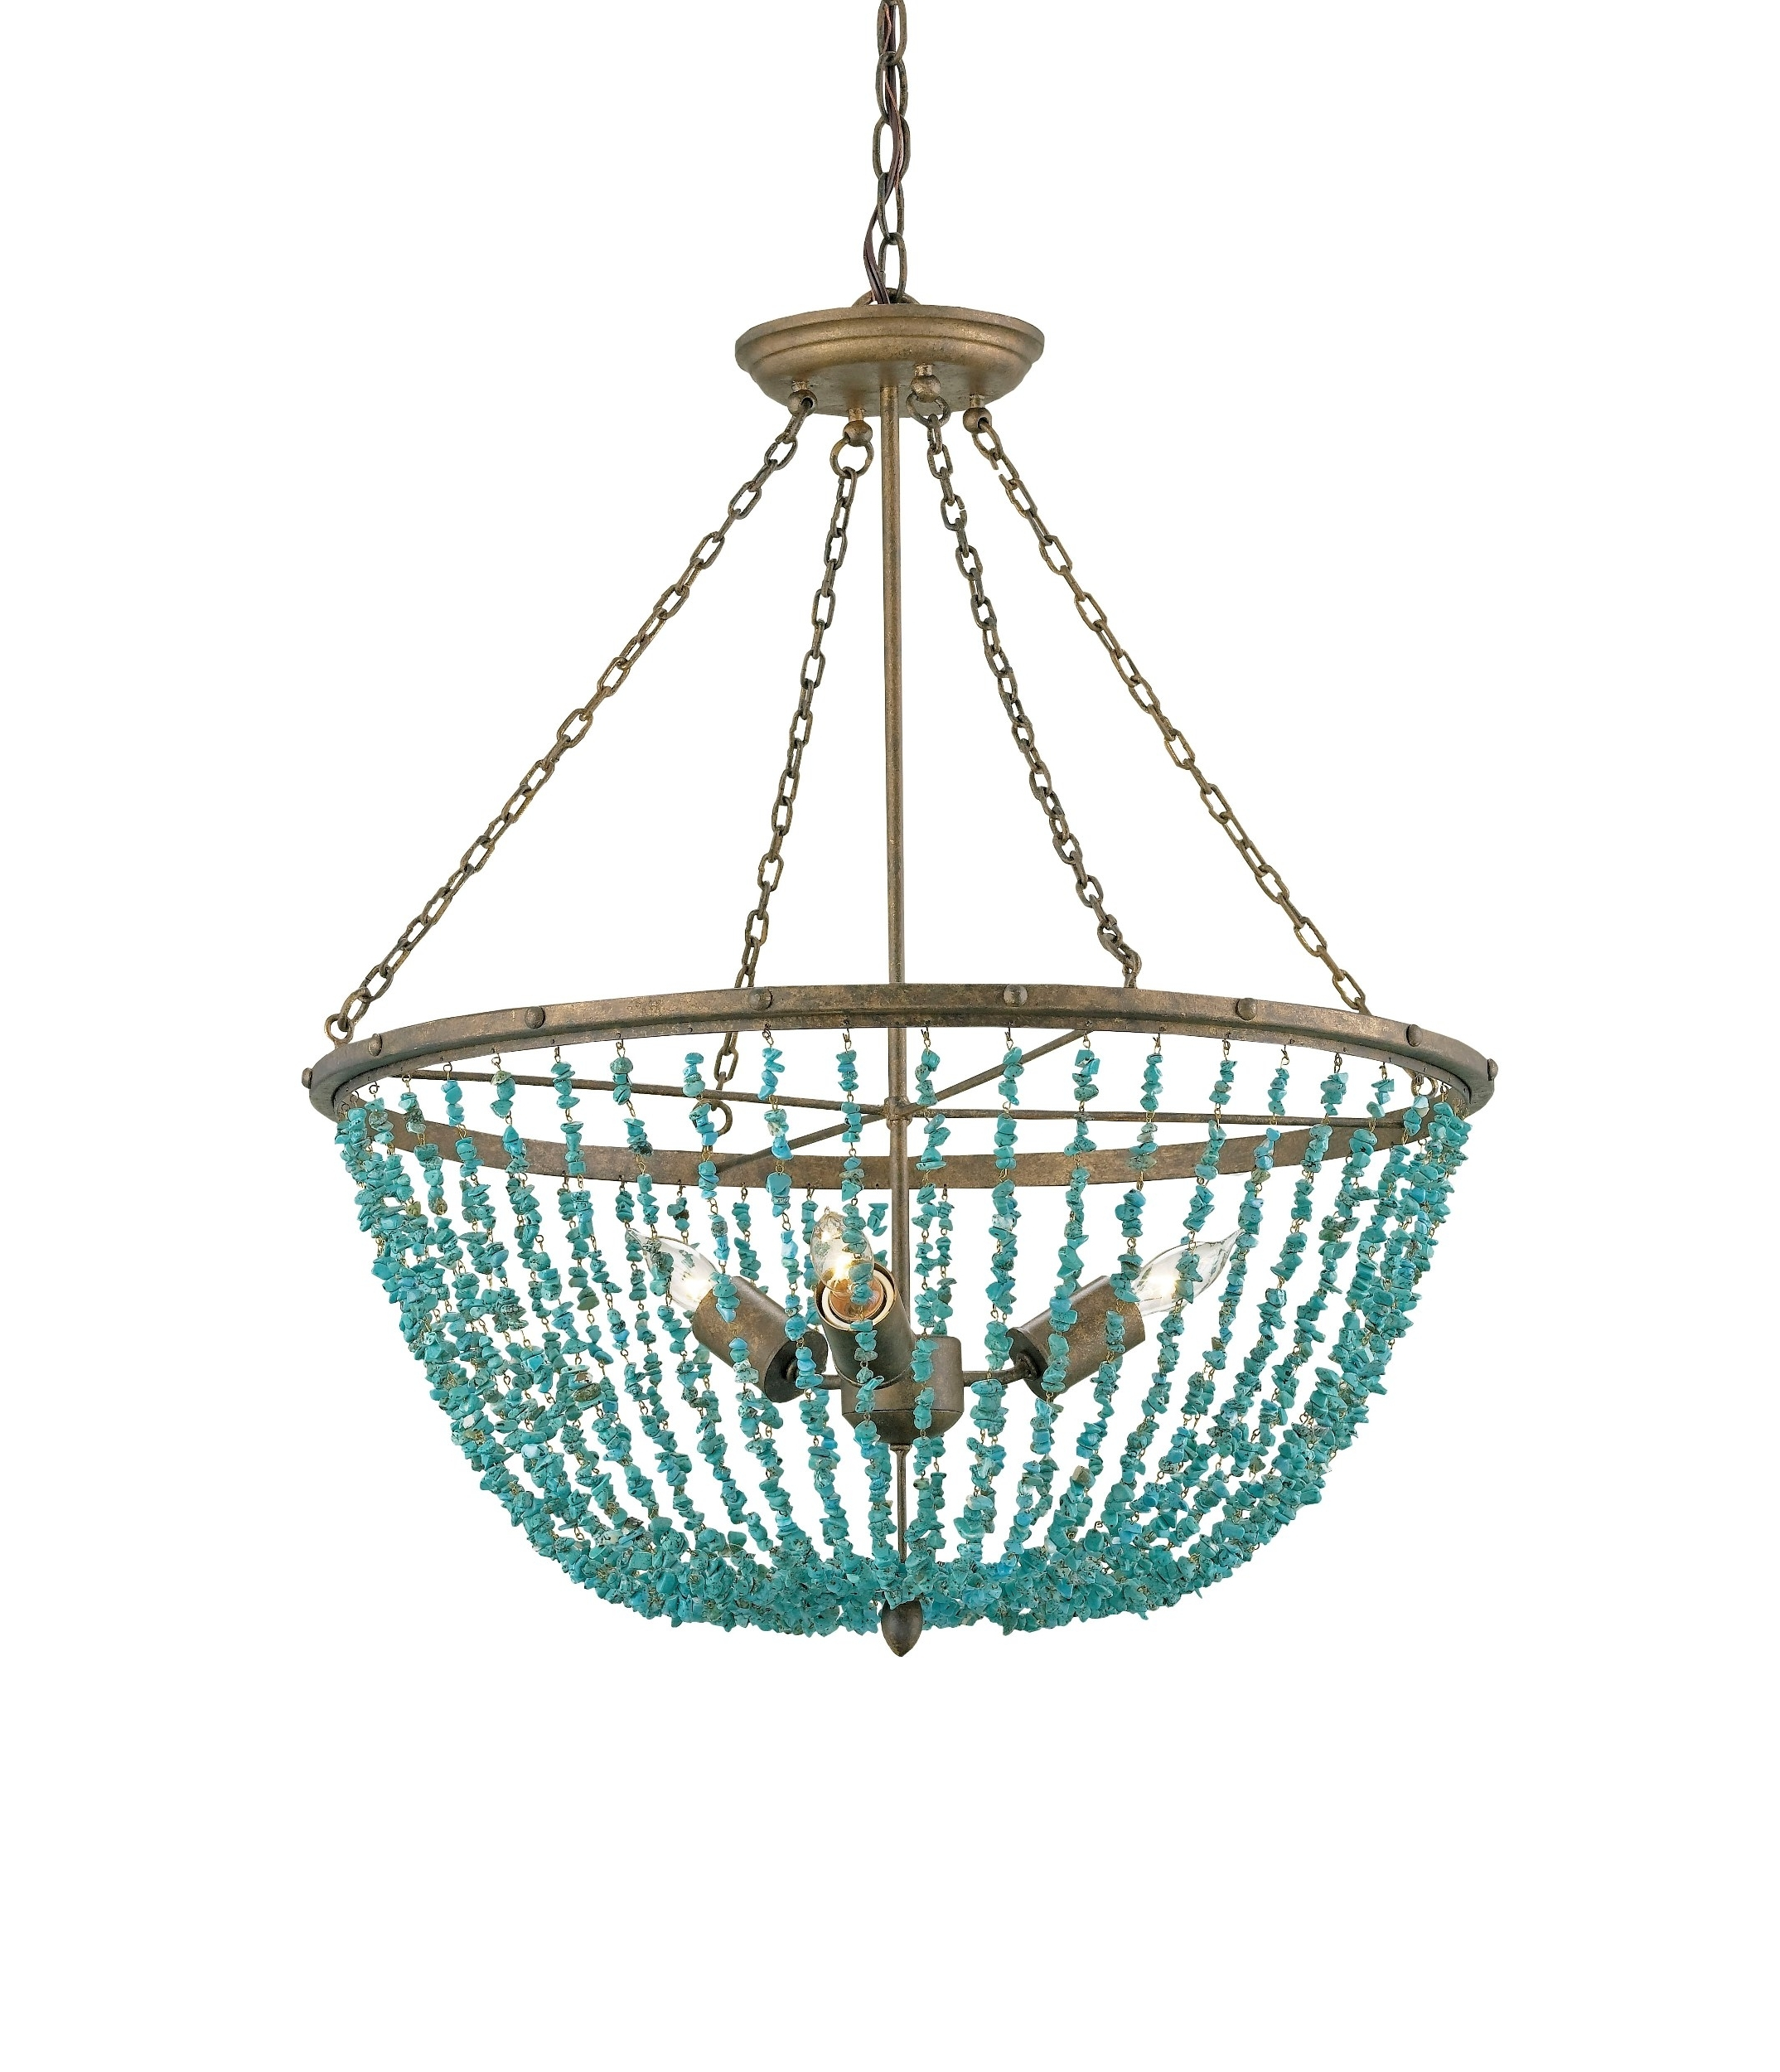 Turquoise Chandelier Lights Regarding Recent Turquoise Chandeliers Lighting – Pixball (View 4 of 15)